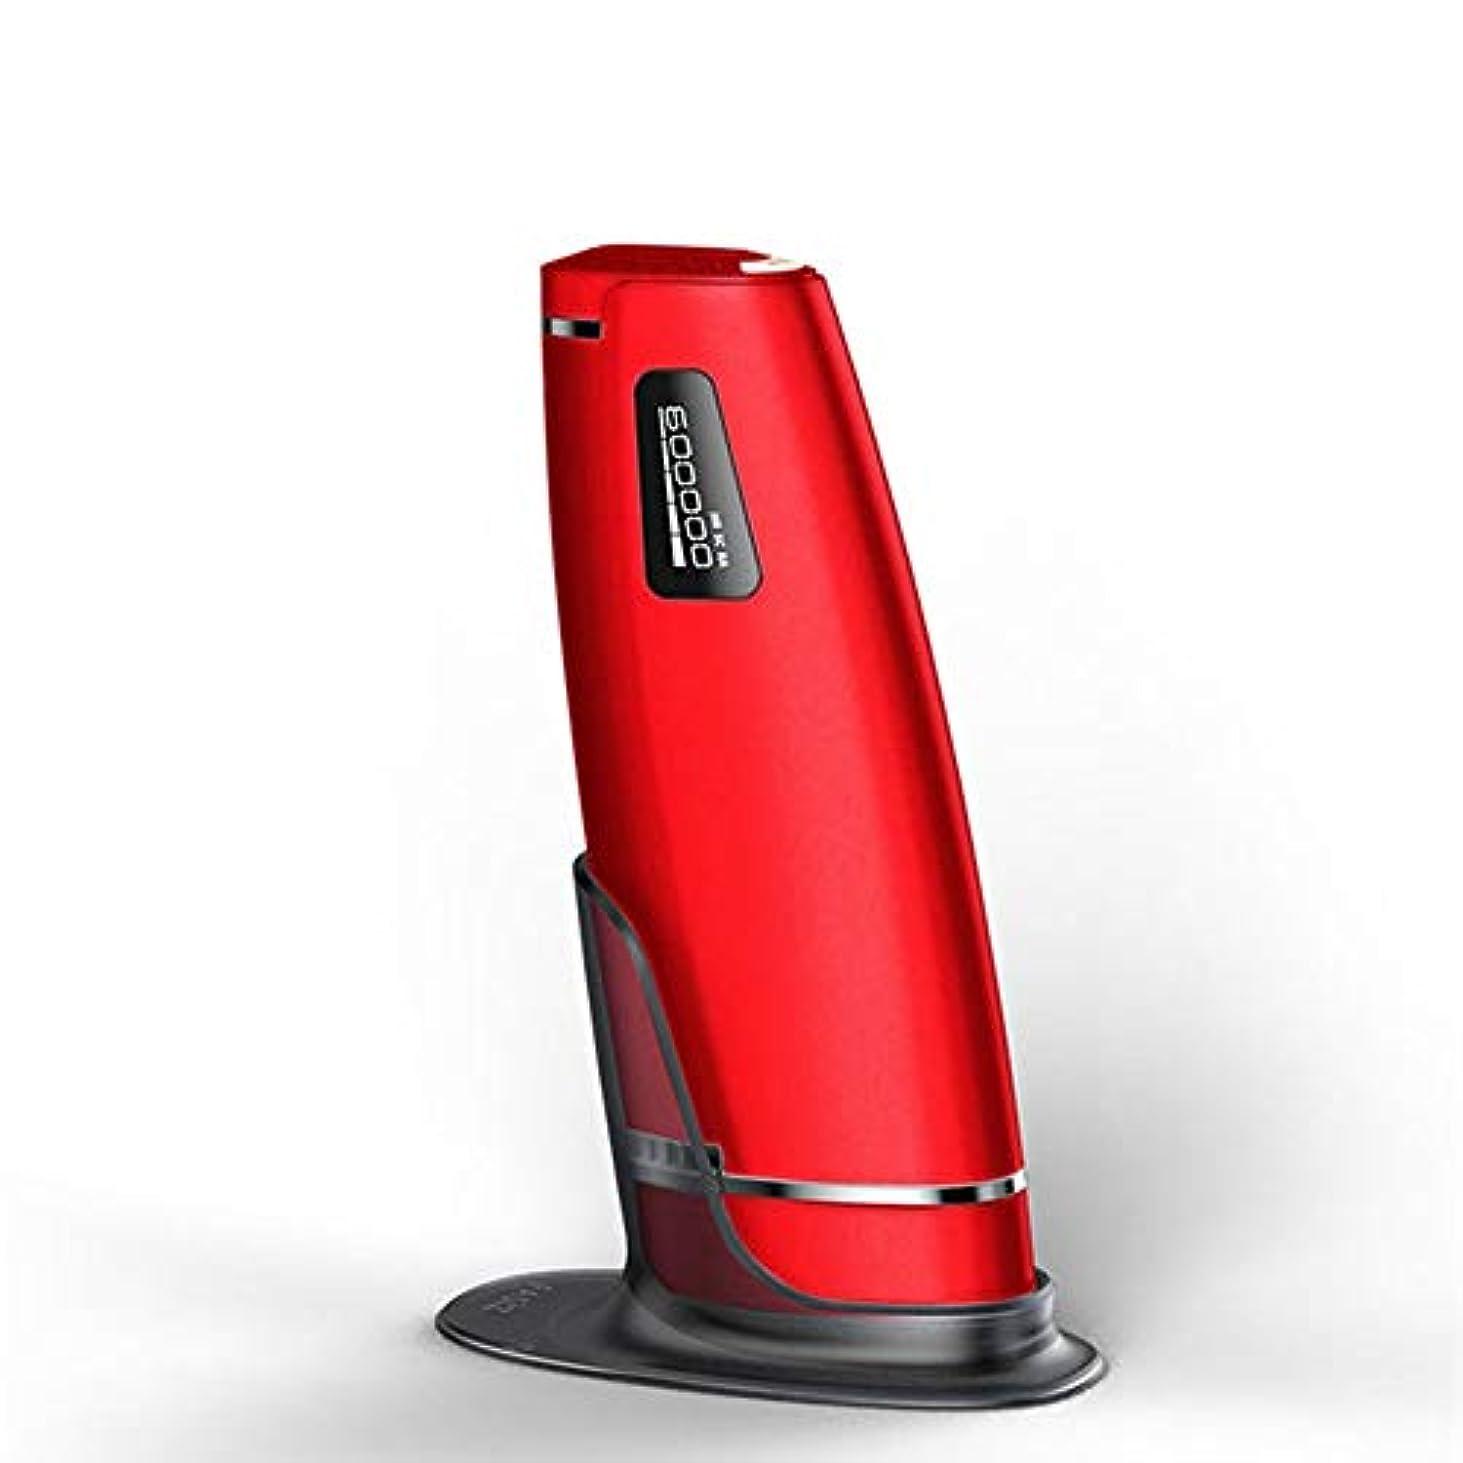 キャンパス試みる脳赤、デュアルモード、ホームオートマチック無痛脱毛剤、携帯用永久脱毛剤、5スピード調整、サイズ20.5 X 4.5 X 7 Cm 安全性 (Color : Red)